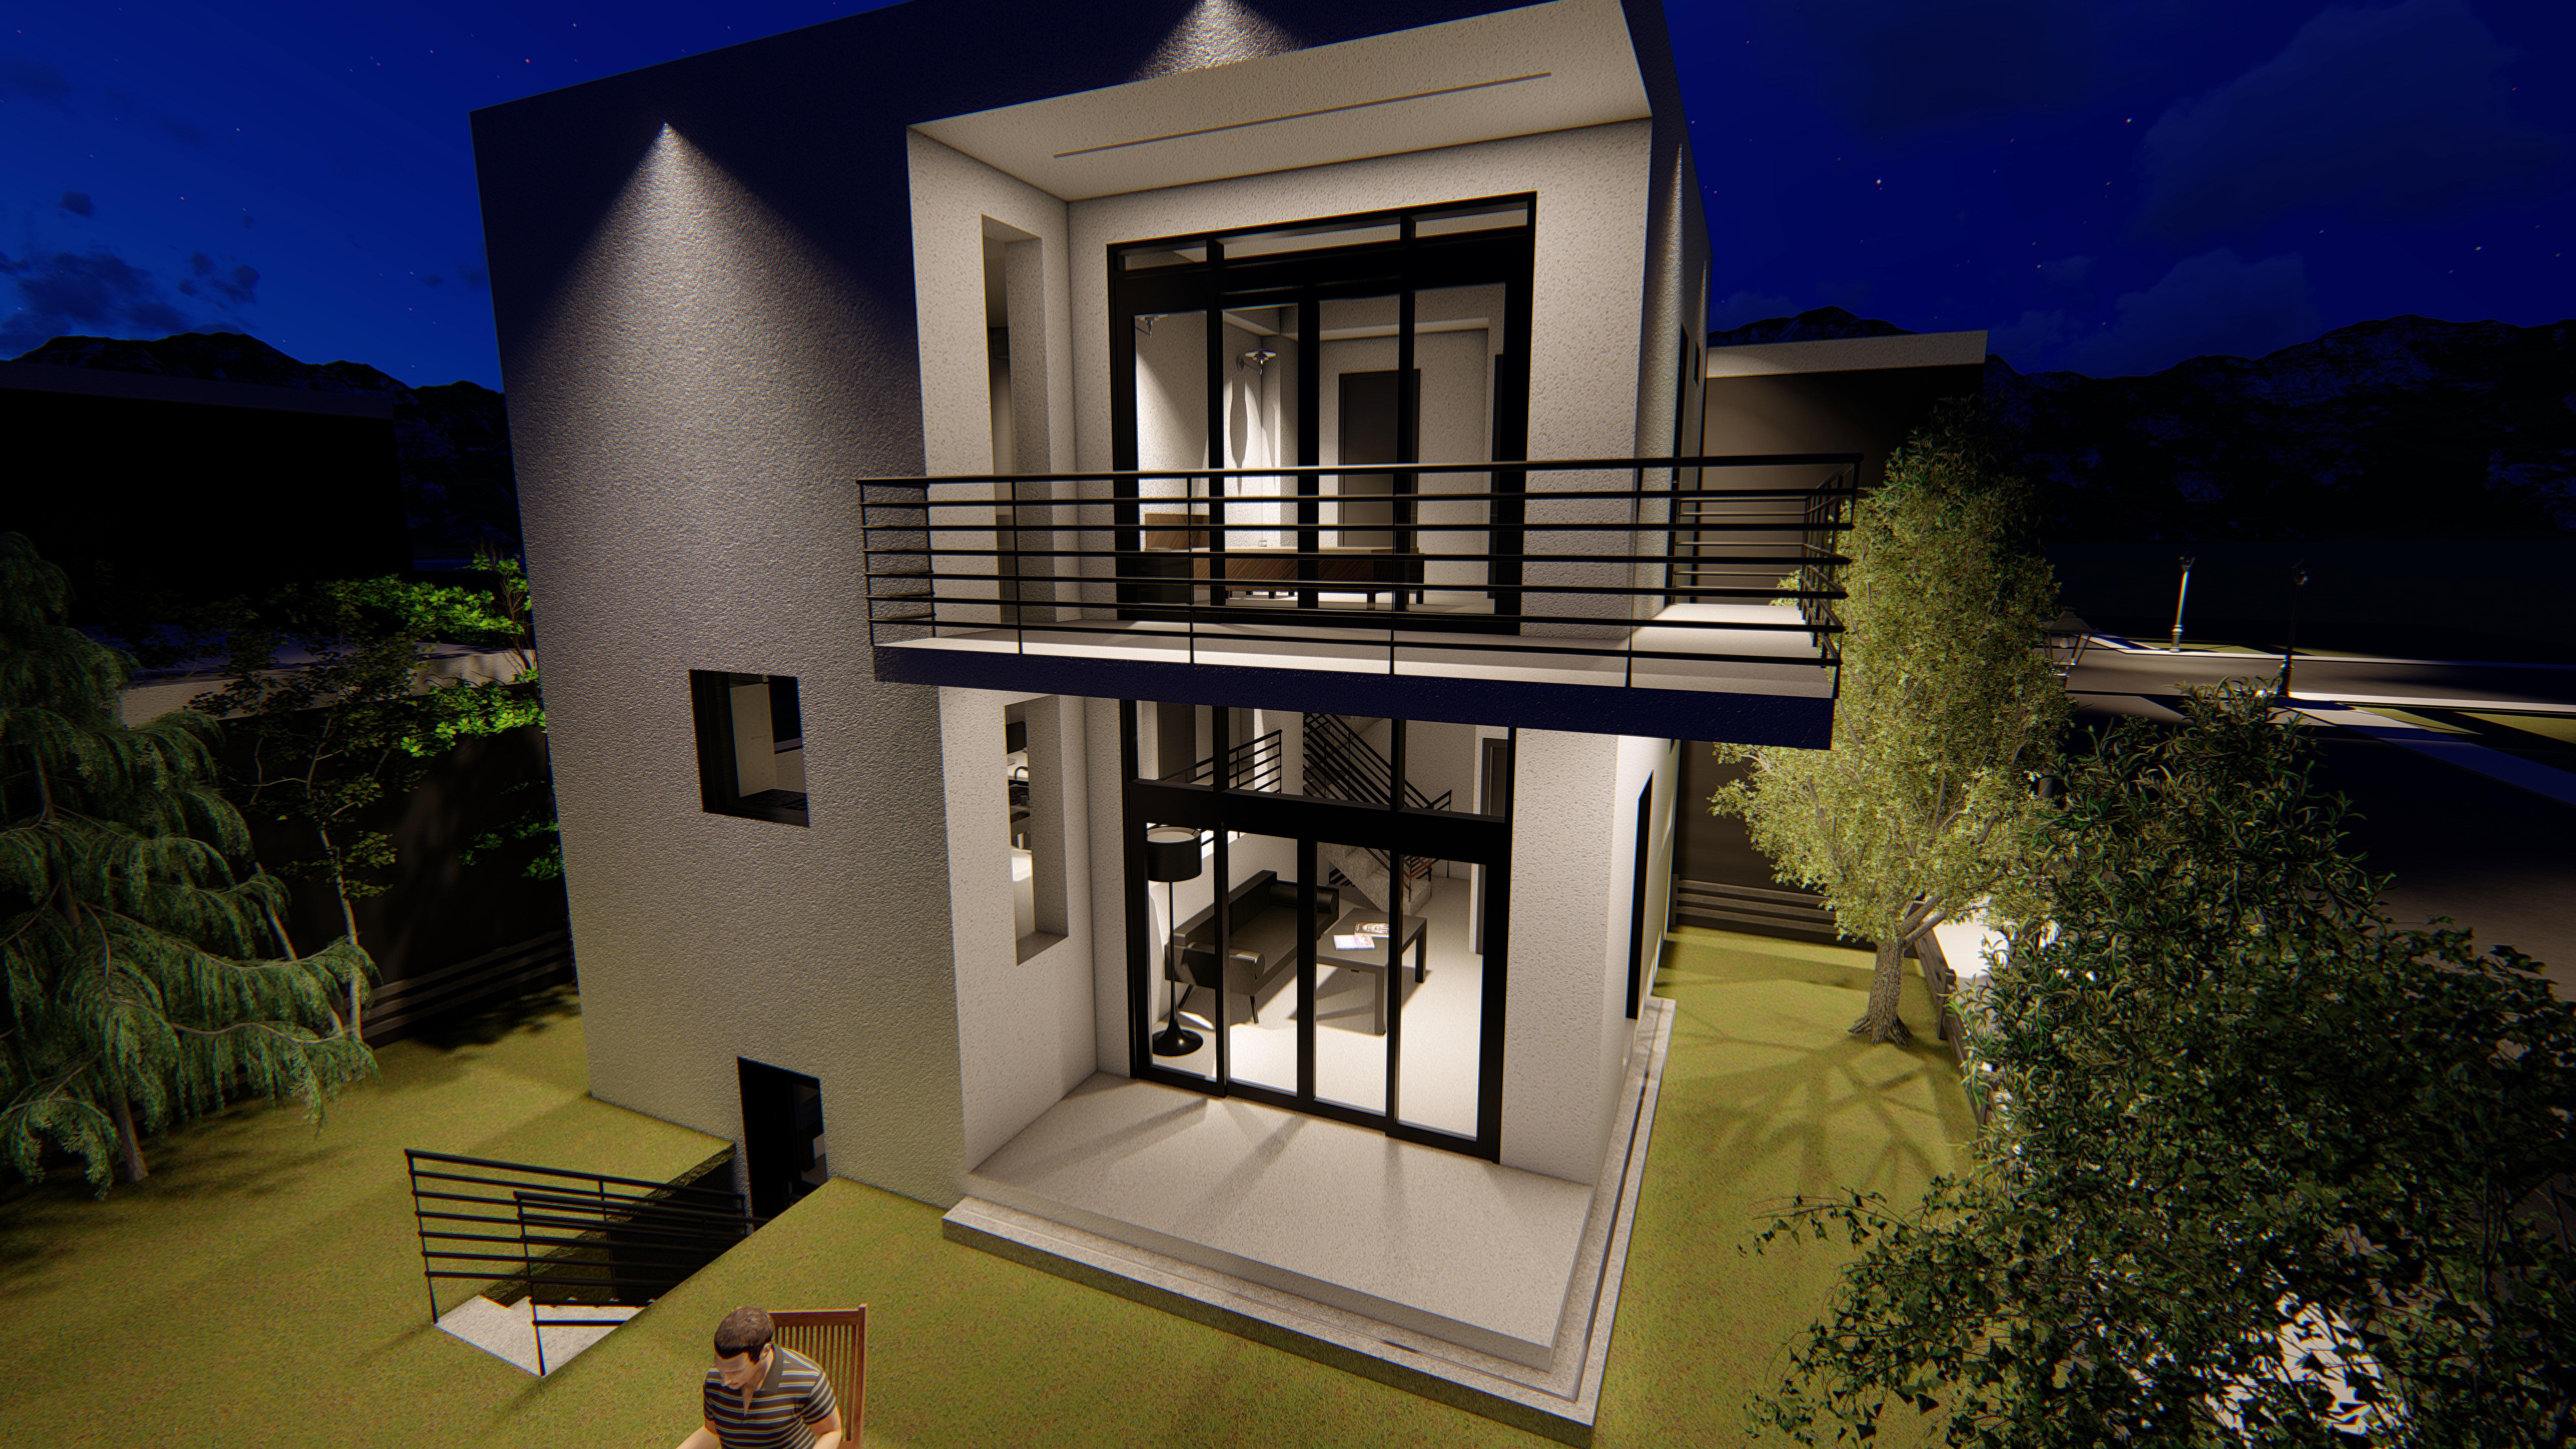 Concrete Construction | 3D model